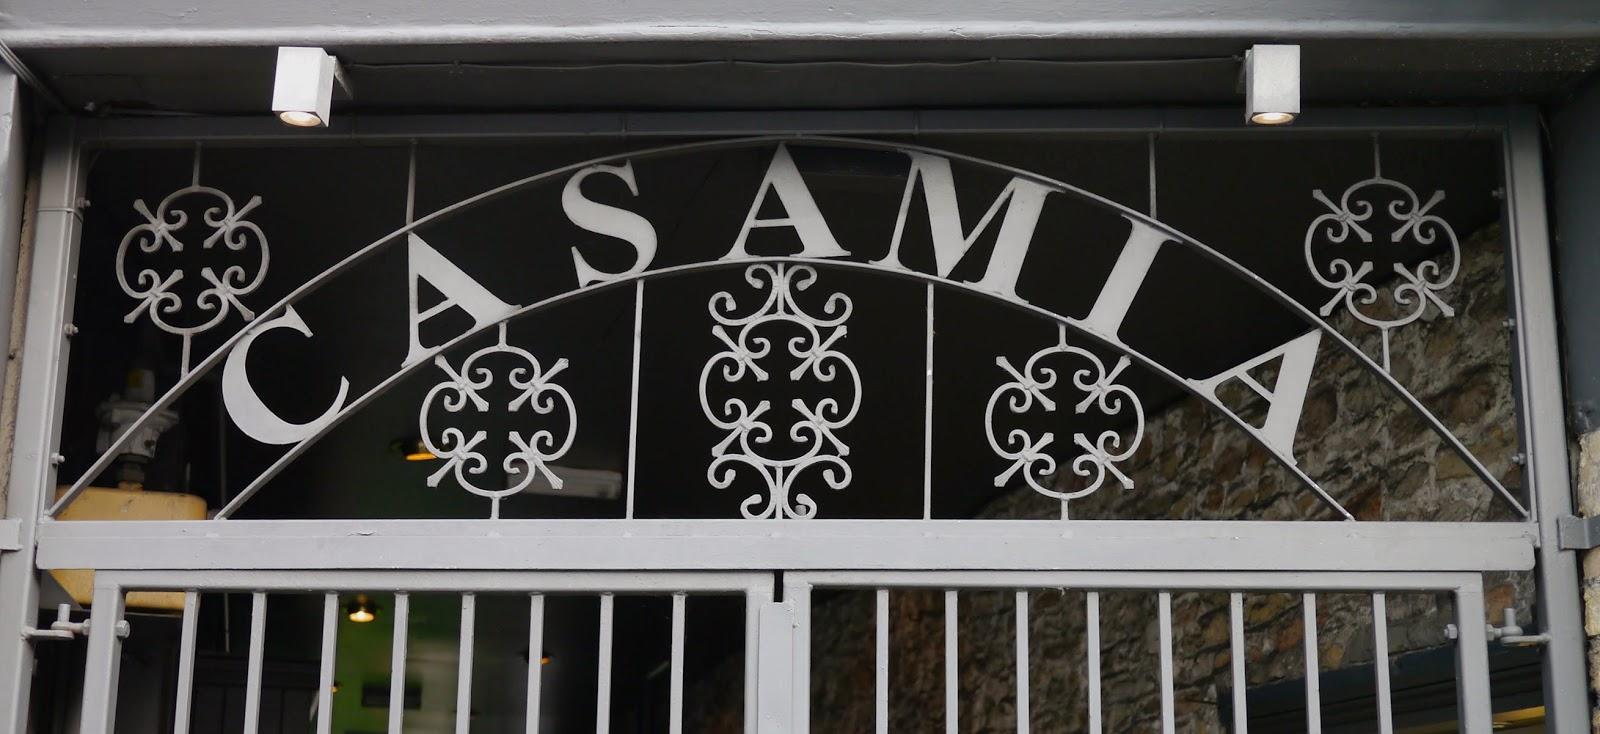 Casamia Bristol